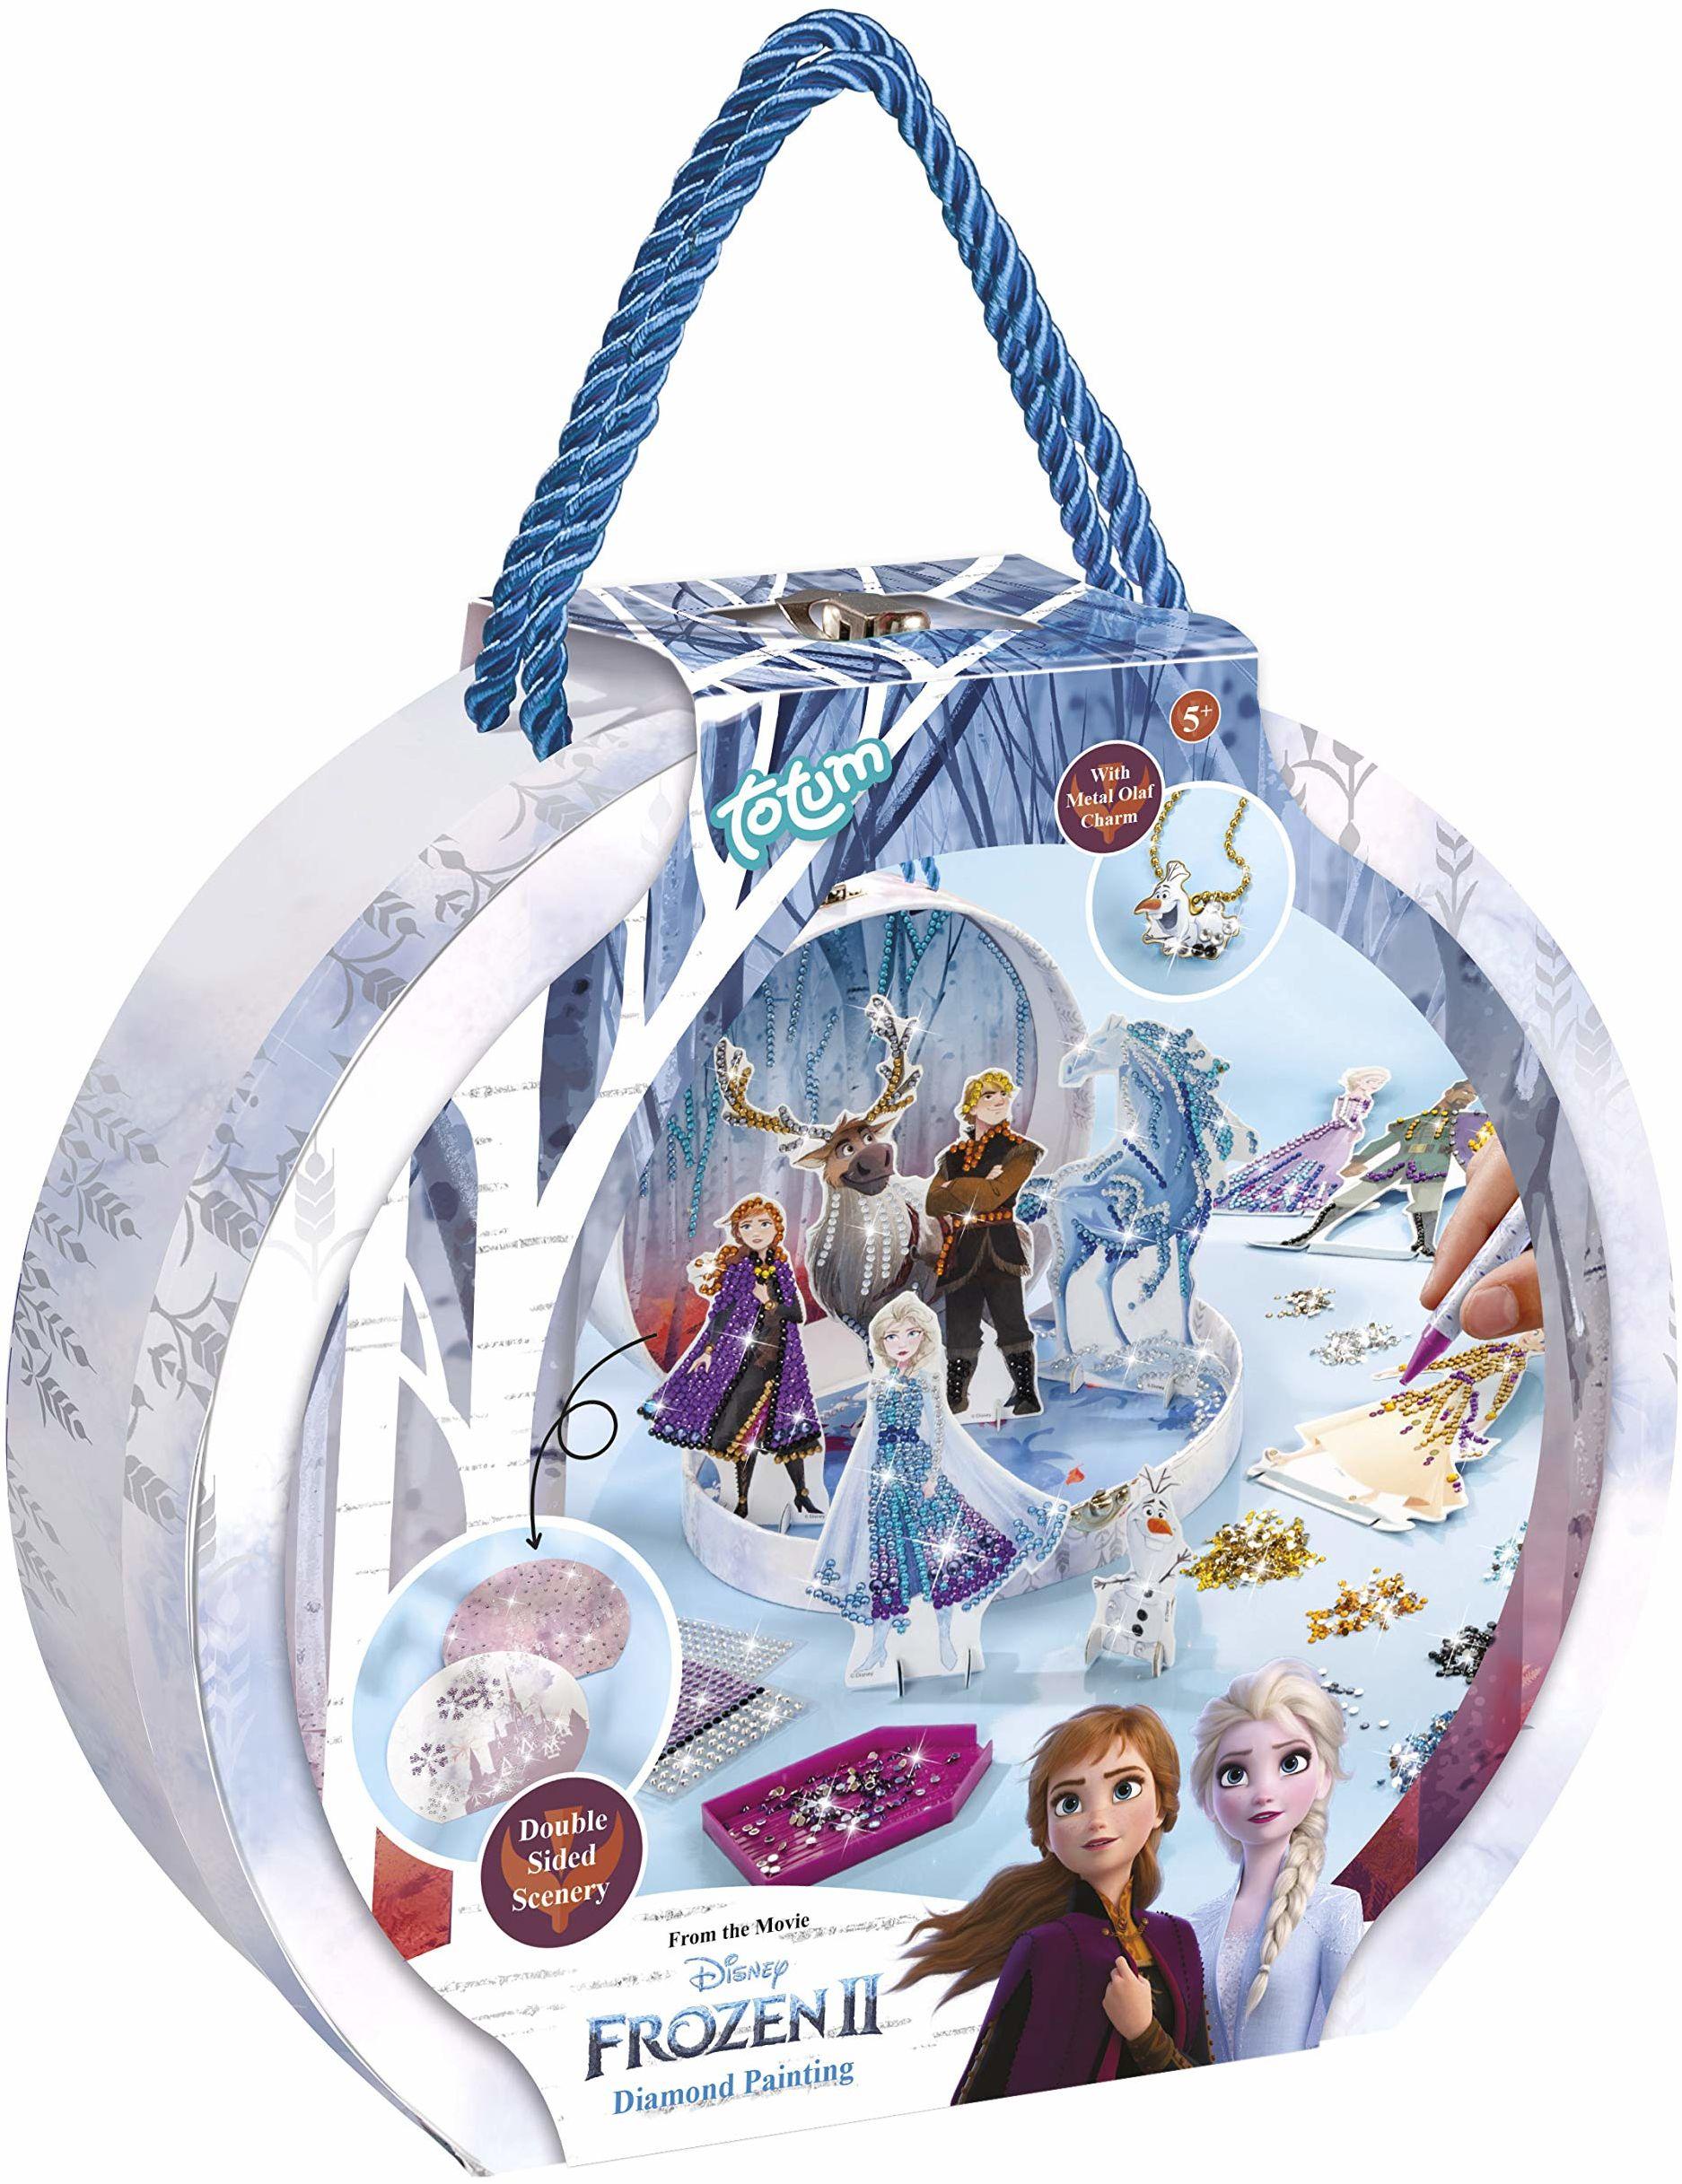 Disney Frozen II Diamond Painting pudełko na prezent: Stwórz swoje ulubione figurki z Frozen II przepiękne kamienie stras w krajobrazach 3D, w zestawie zawieszka Olaf